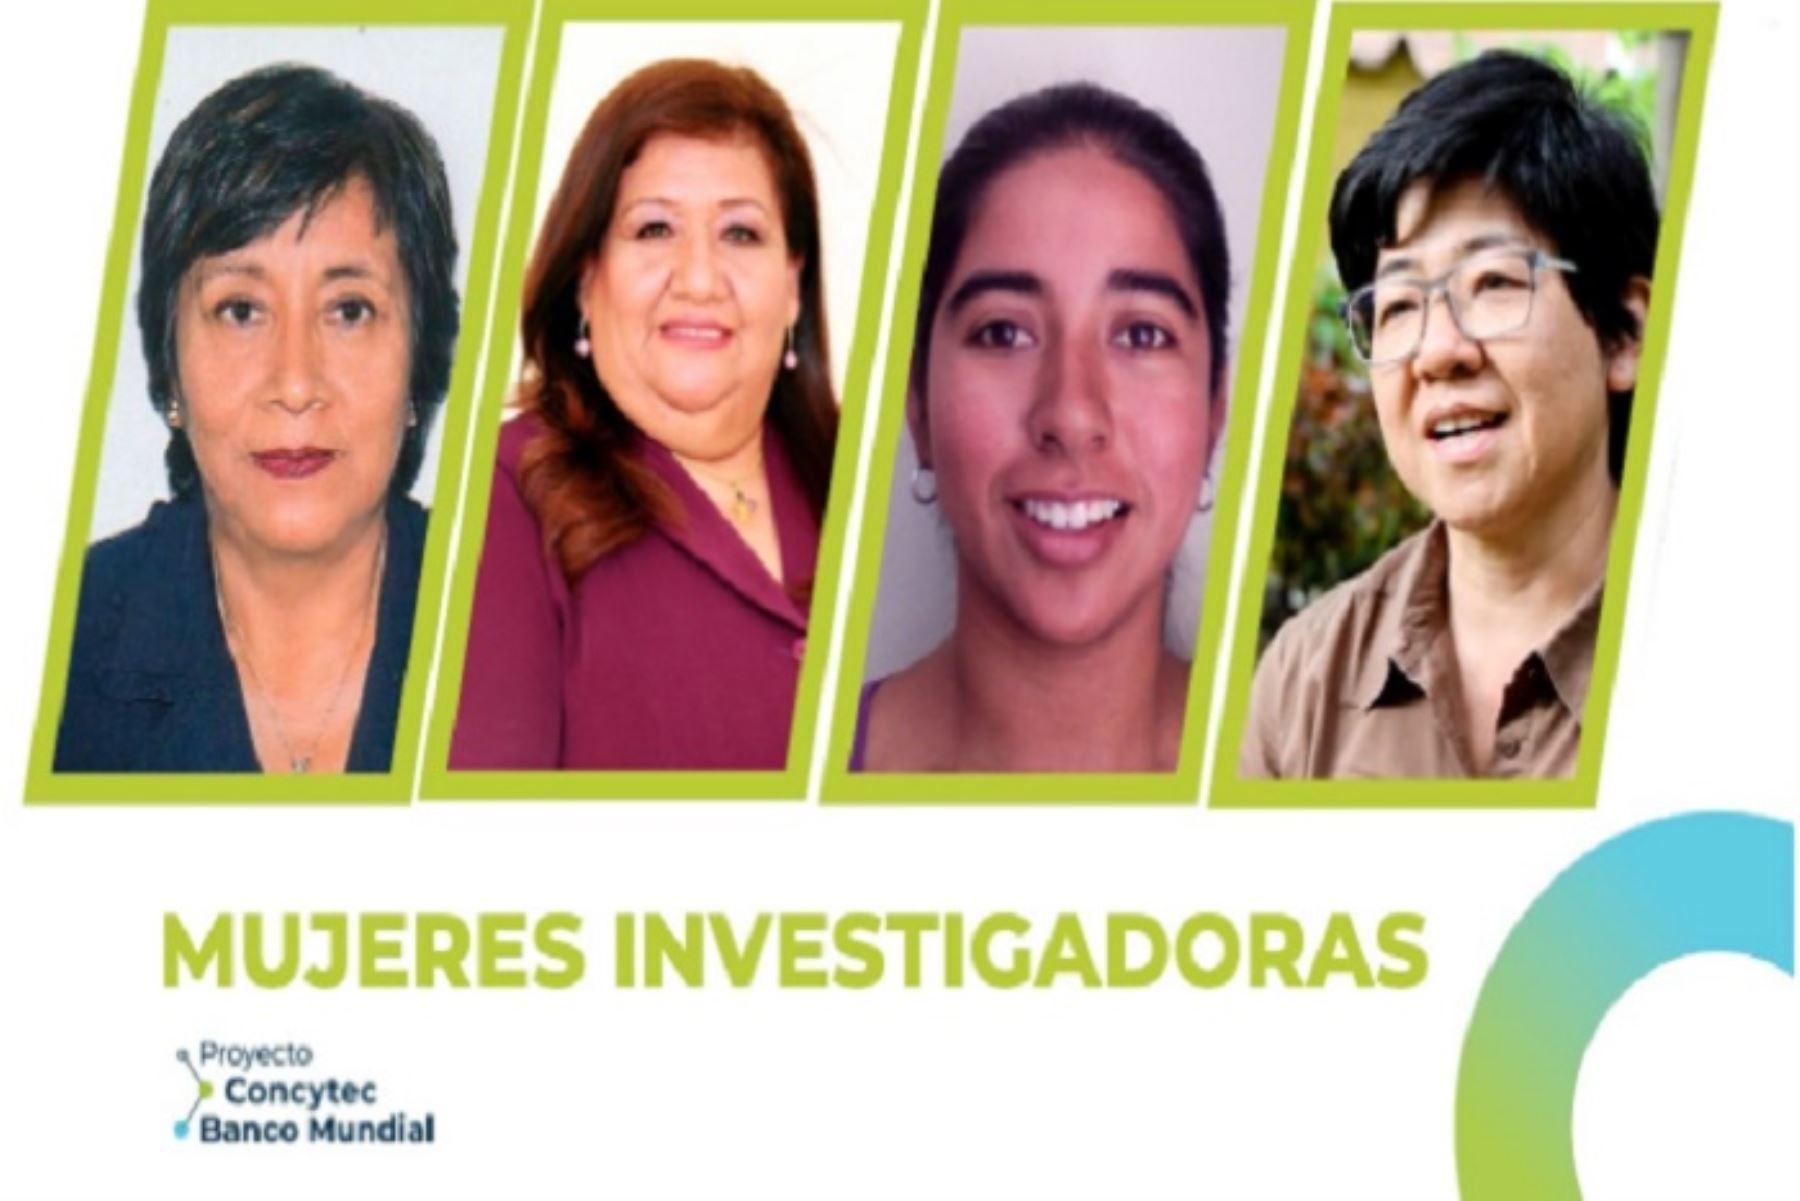 Al celebrarse mañana 8 de marzo el Día Internacional de la Mujer, el proyecto Concytec – Banco Mundial busca visibilizar a aquellas mujeres peruanas que han hecho de la Ciencia, la Tecnología y la Innovación (CTI) parte de su vida